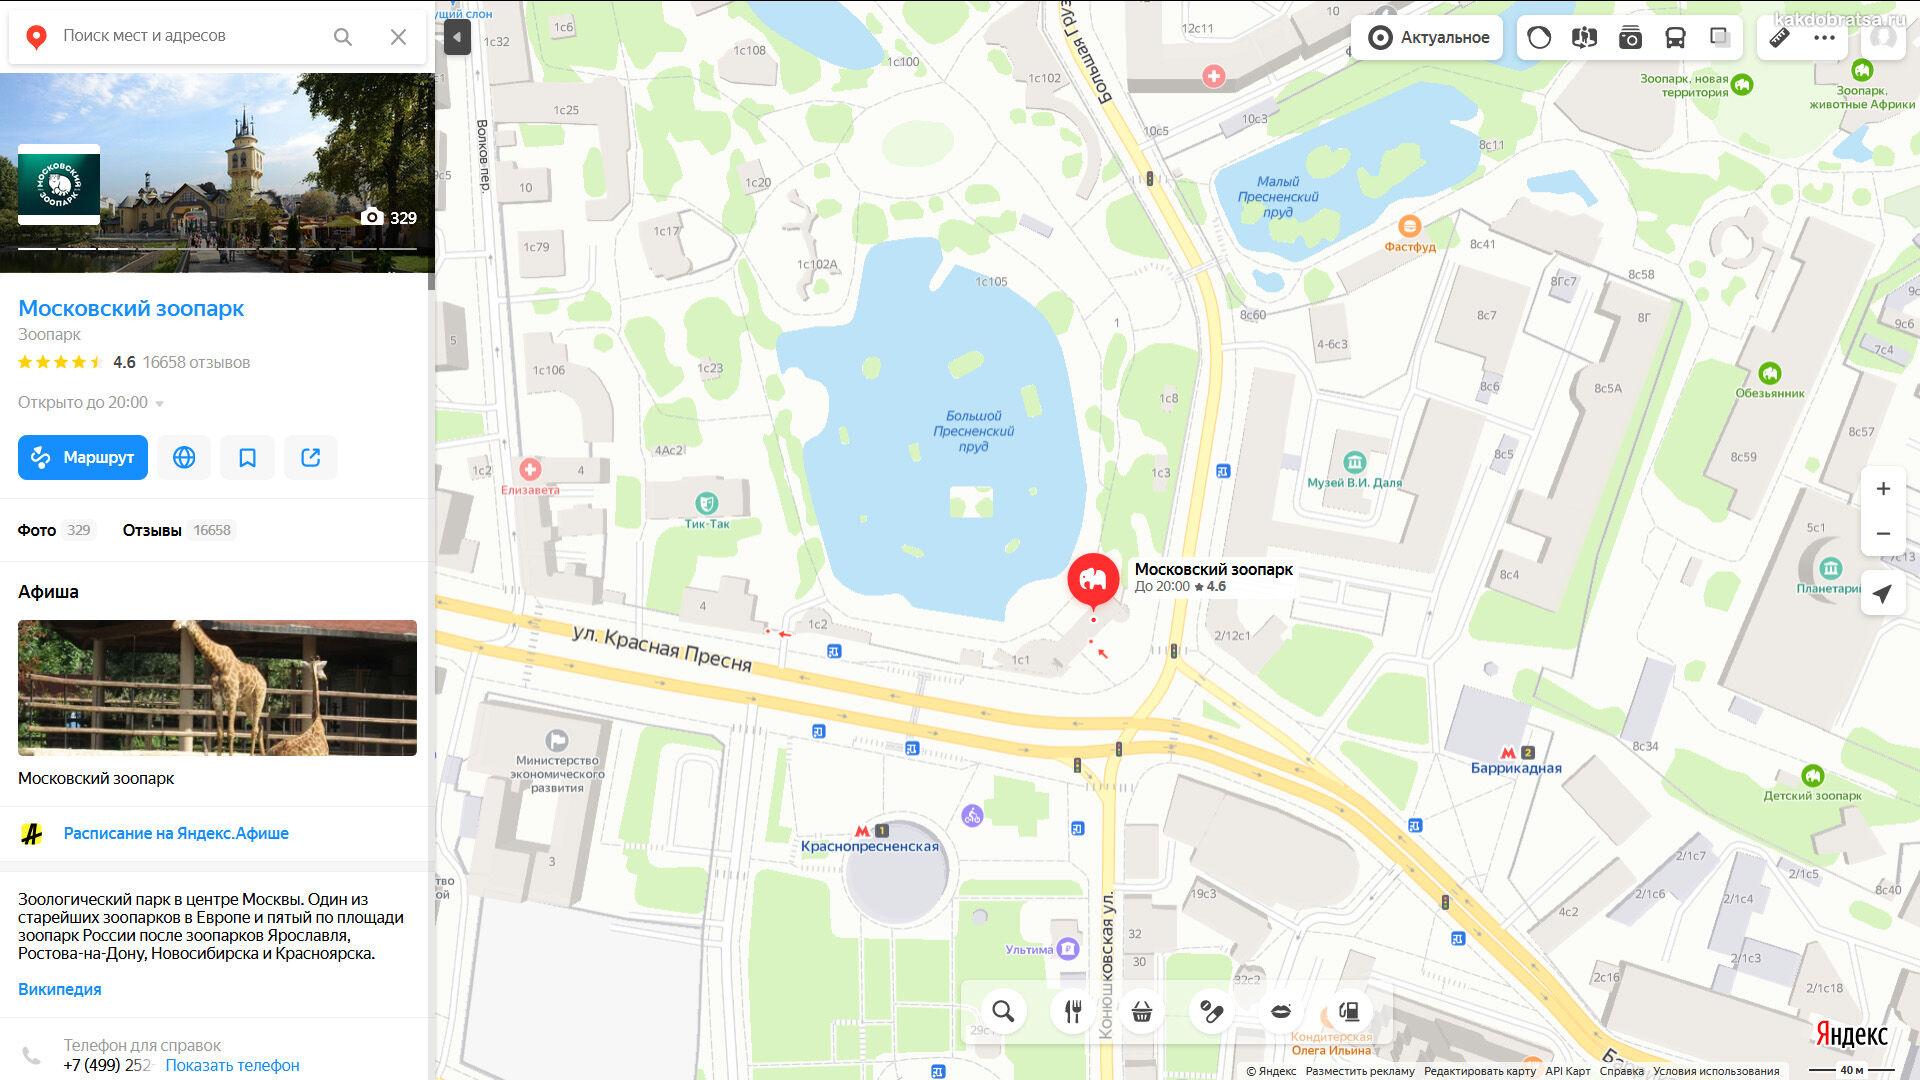 Московский зоопарк вход на схеме